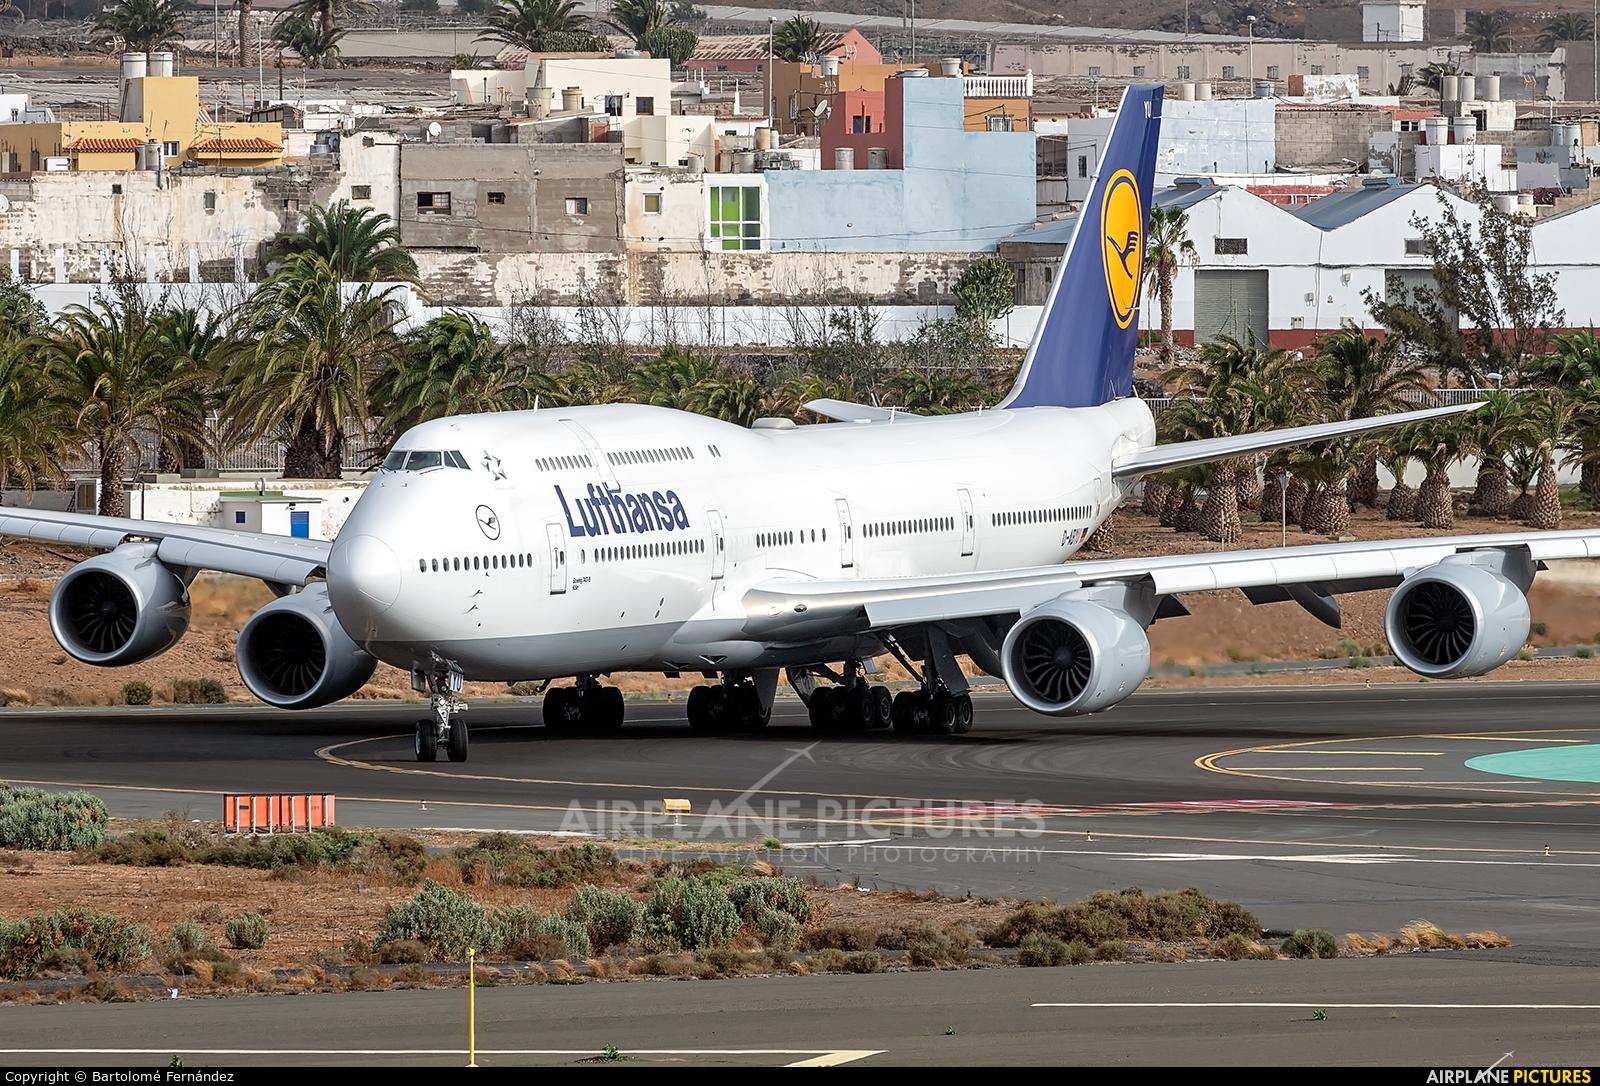 Lufthansa D-ABYU aircraft at Aeropuerto de Gran Canaria